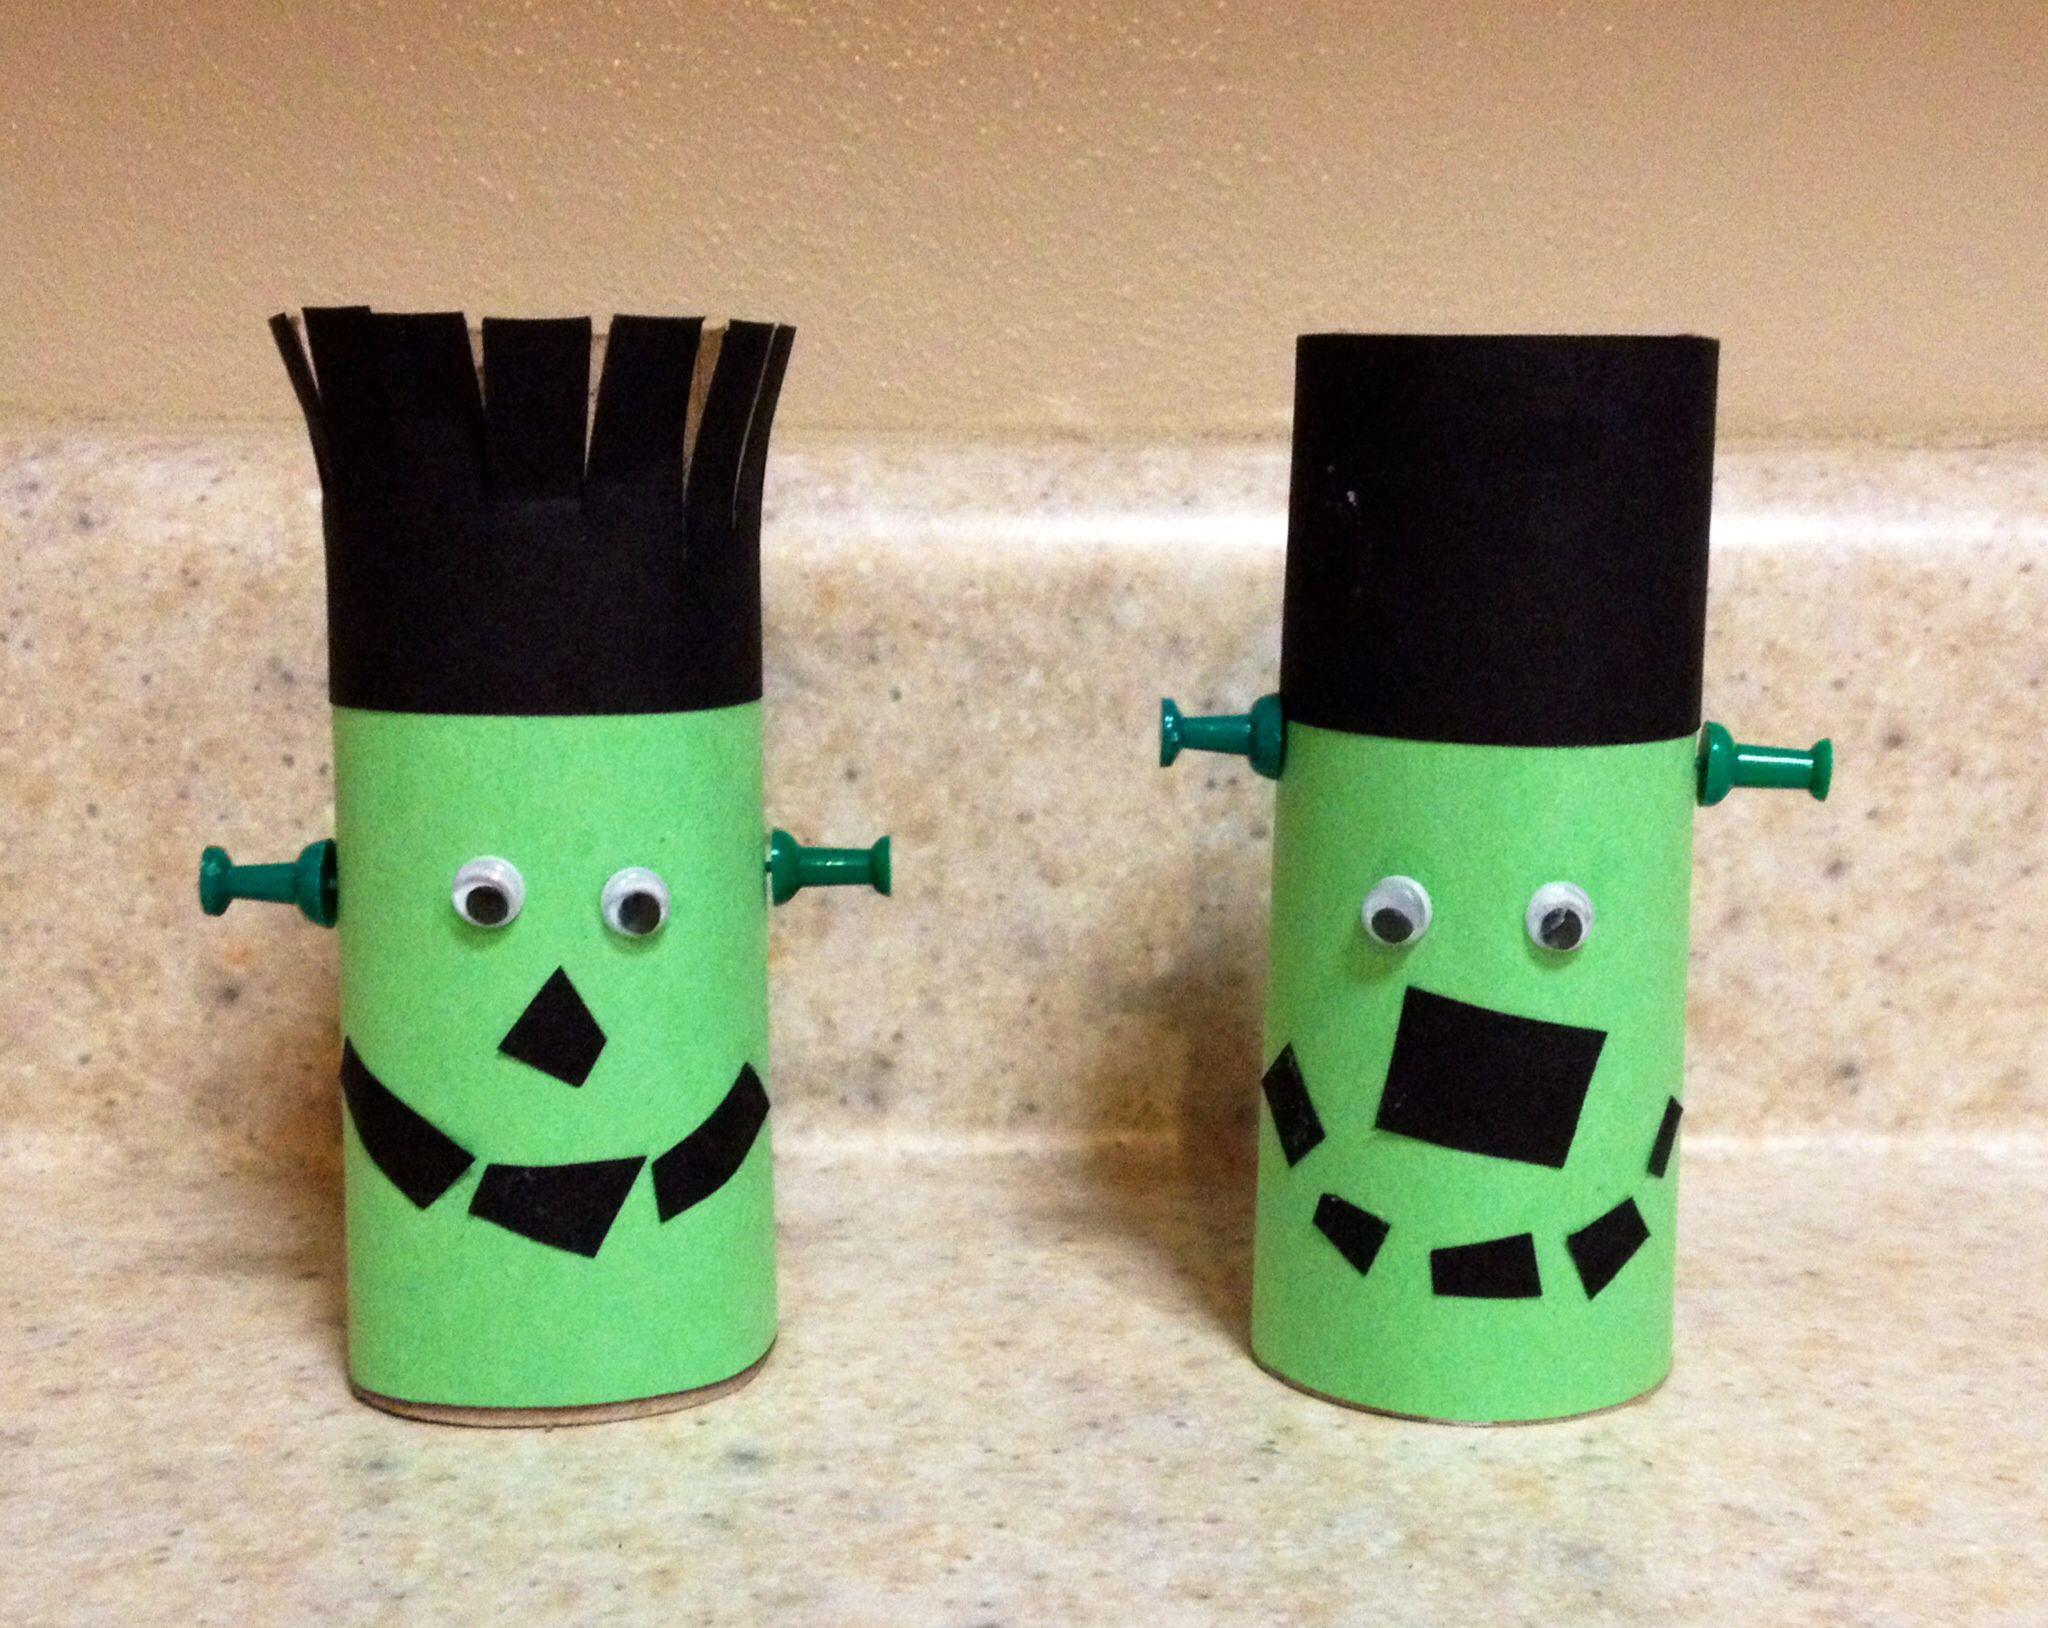 Diy halloween door decorations with toilet paper rolls